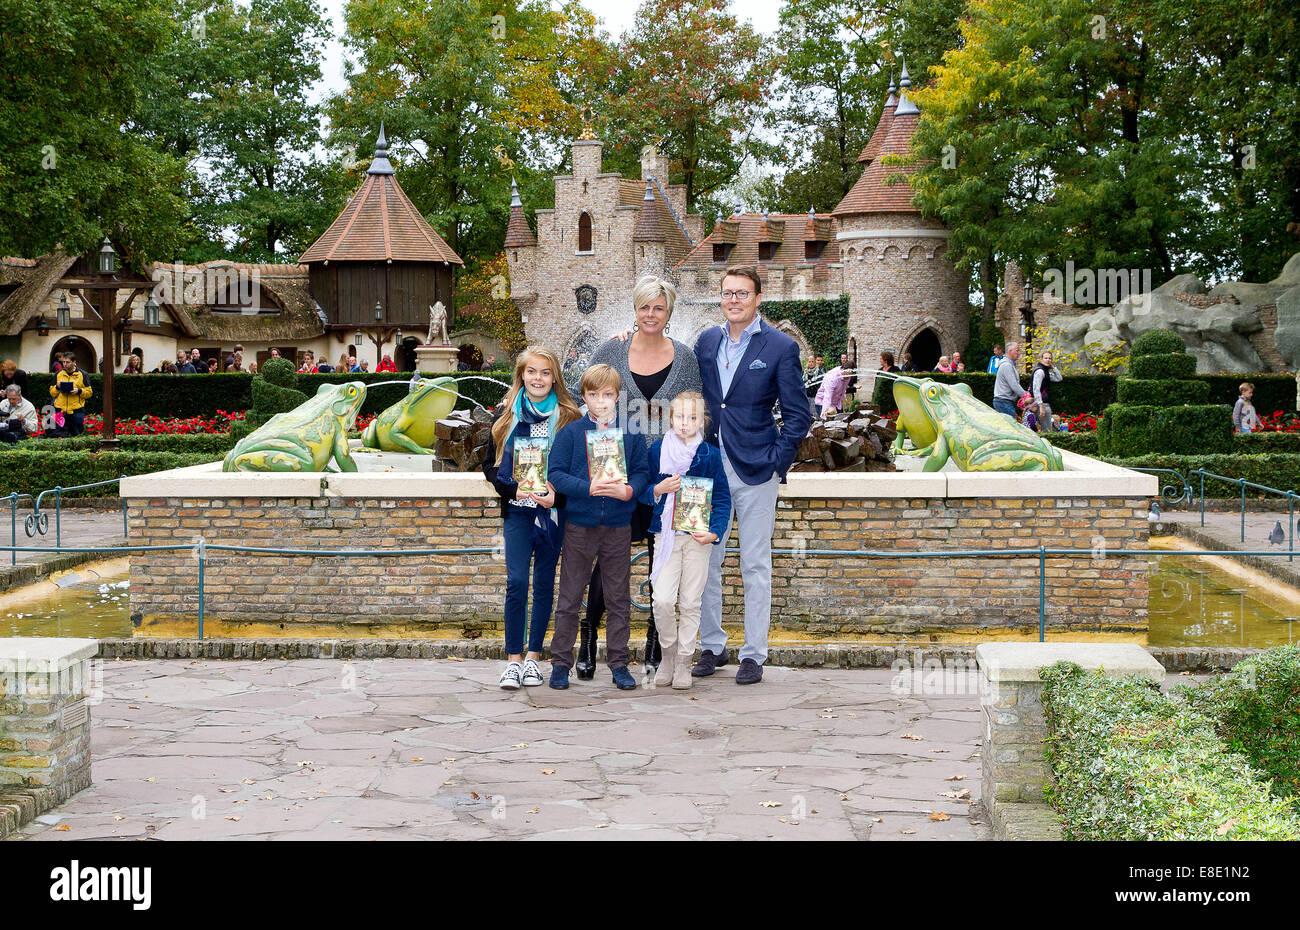 Kaatsheuvel, Niederlande. 5. Oktober 2014. Niederländischen Prinzen ...